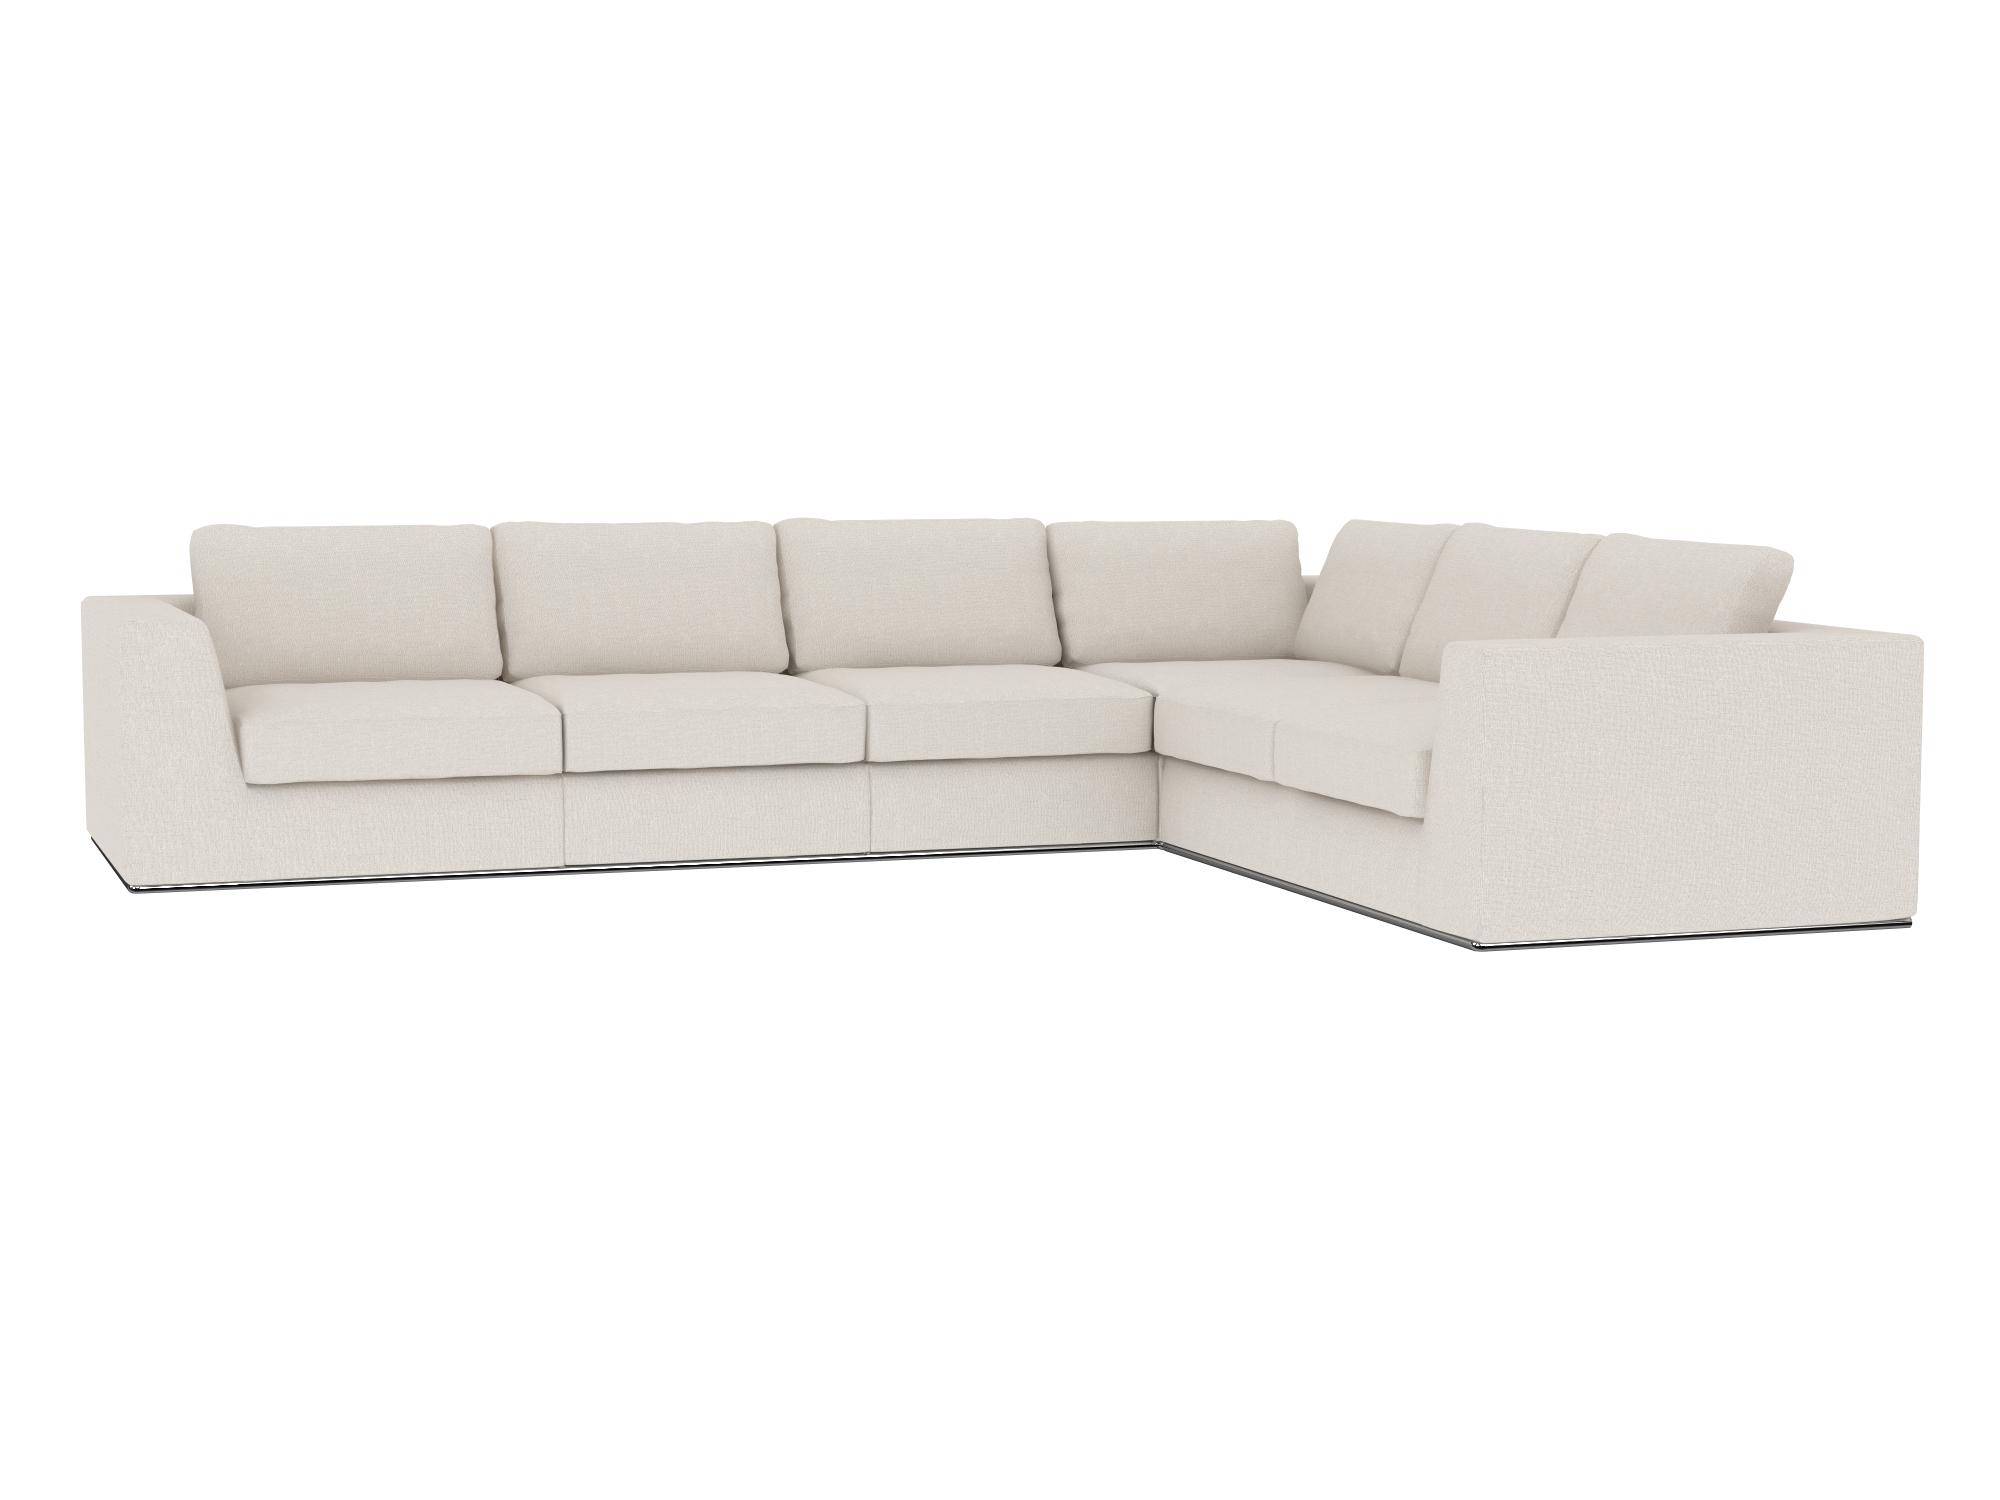 Диван IgarkaУгловые раскладные диваны<br>&amp;lt;div&amp;gt;Угловой диван-кровать с механизмом трансформации на каждый день.&amp;amp;nbsp;&amp;lt;/div&amp;gt;&amp;lt;div&amp;gt;Диван может быть выполнен с правым и левым расположением углового модуля.&amp;amp;nbsp;&amp;lt;/div&amp;gt;&amp;lt;div&amp;gt;&amp;lt;br&amp;gt;&amp;lt;/div&amp;gt;&amp;lt;div&amp;gt;Материалы:&amp;lt;/div&amp;gt;&amp;lt;div&amp;gt;Каркас: деревянный брус, фанера, МДФ.&amp;lt;/div&amp;gt;&amp;lt;div&amp;gt;Подушки спинок: холофайбер.&amp;lt;/div&amp;gt;&amp;lt;div&amp;gt;Подушки сидений: пенополиуретан.&amp;lt;/div&amp;gt;&amp;lt;div&amp;gt;Обивка: текстиль.&amp;lt;/div&amp;gt;&amp;lt;div&amp;gt;Механизм трансформации: Седафлекс.&amp;lt;/div&amp;gt;&amp;lt;div&amp;gt;Основание механизма трансформации: тент и латы.&amp;lt;/div&amp;gt;&amp;lt;div&amp;gt;&amp;lt;br&amp;gt;&amp;lt;/div&amp;gt;&amp;lt;div&amp;gt;Глубина сиденья:77 см&amp;lt;/div&amp;gt;&amp;lt;div&amp;gt;Высота сиденья:45 см&amp;amp;nbsp;&amp;lt;/div&amp;gt;&amp;lt;div&amp;gt;Высота подлокотников:59 см&amp;amp;nbsp;&amp;lt;/div&amp;gt;&amp;lt;div&amp;gt;Размер спального места 1840х1330 мм.&amp;lt;/div&amp;gt;<br><br>Material: Текстиль<br>Ширина см: 375<br>Высота см: 73<br>Глубина см: 300